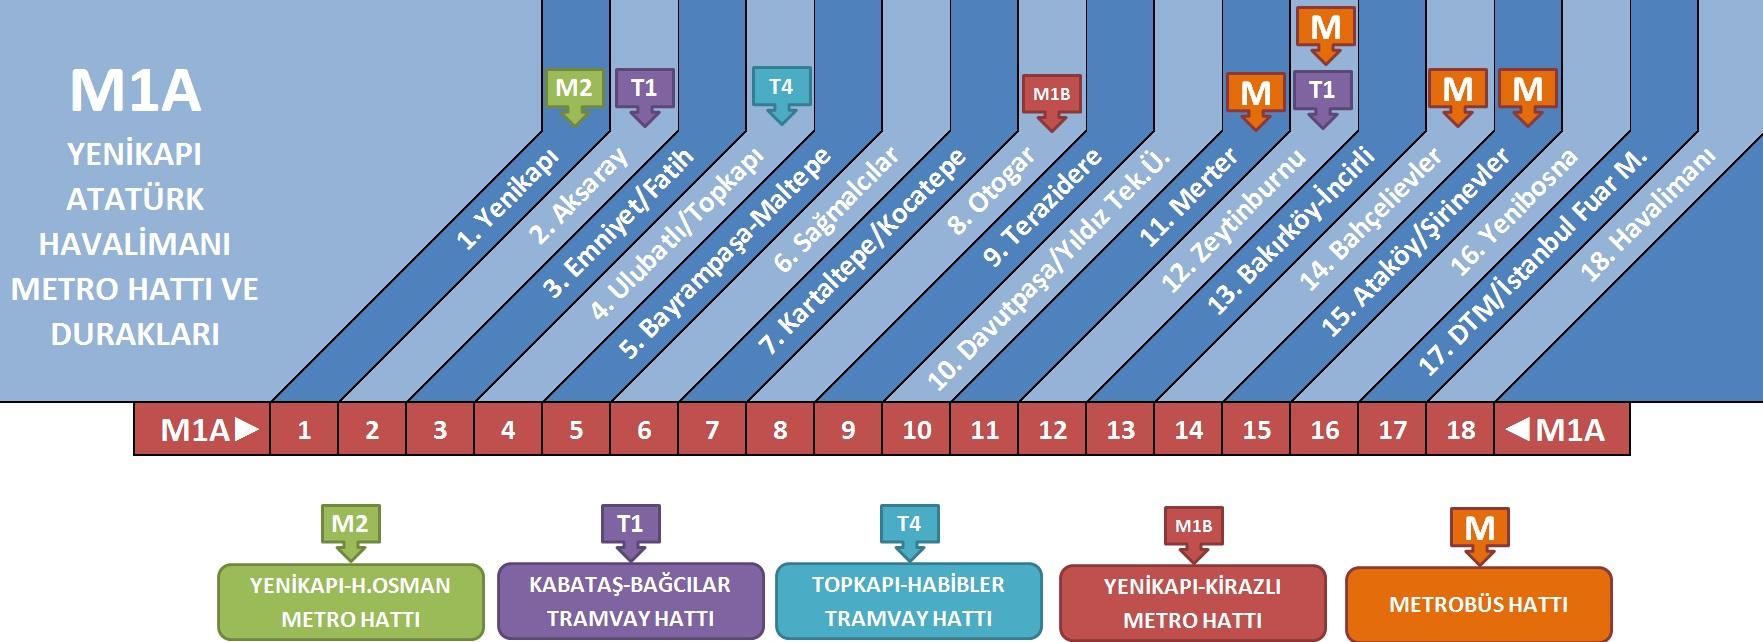 arıcılık fuarı için metro ve otobüs bilgileri istanbul